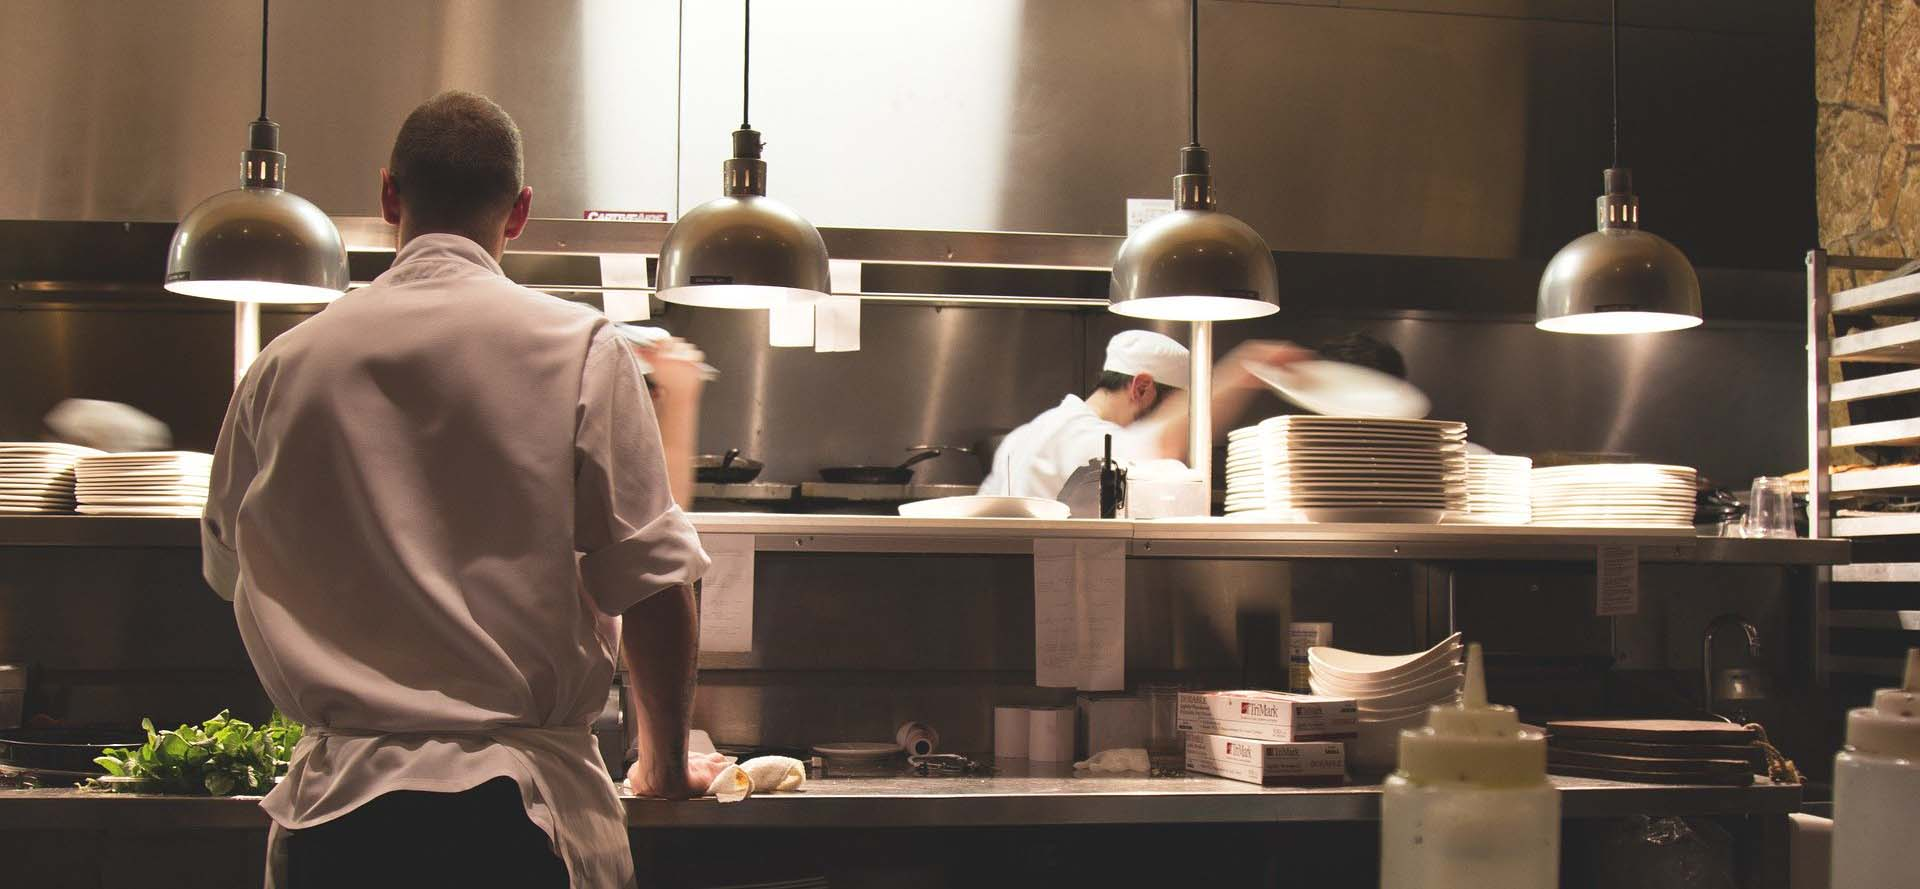 שף פוינט ציוד מקצועי למטבח